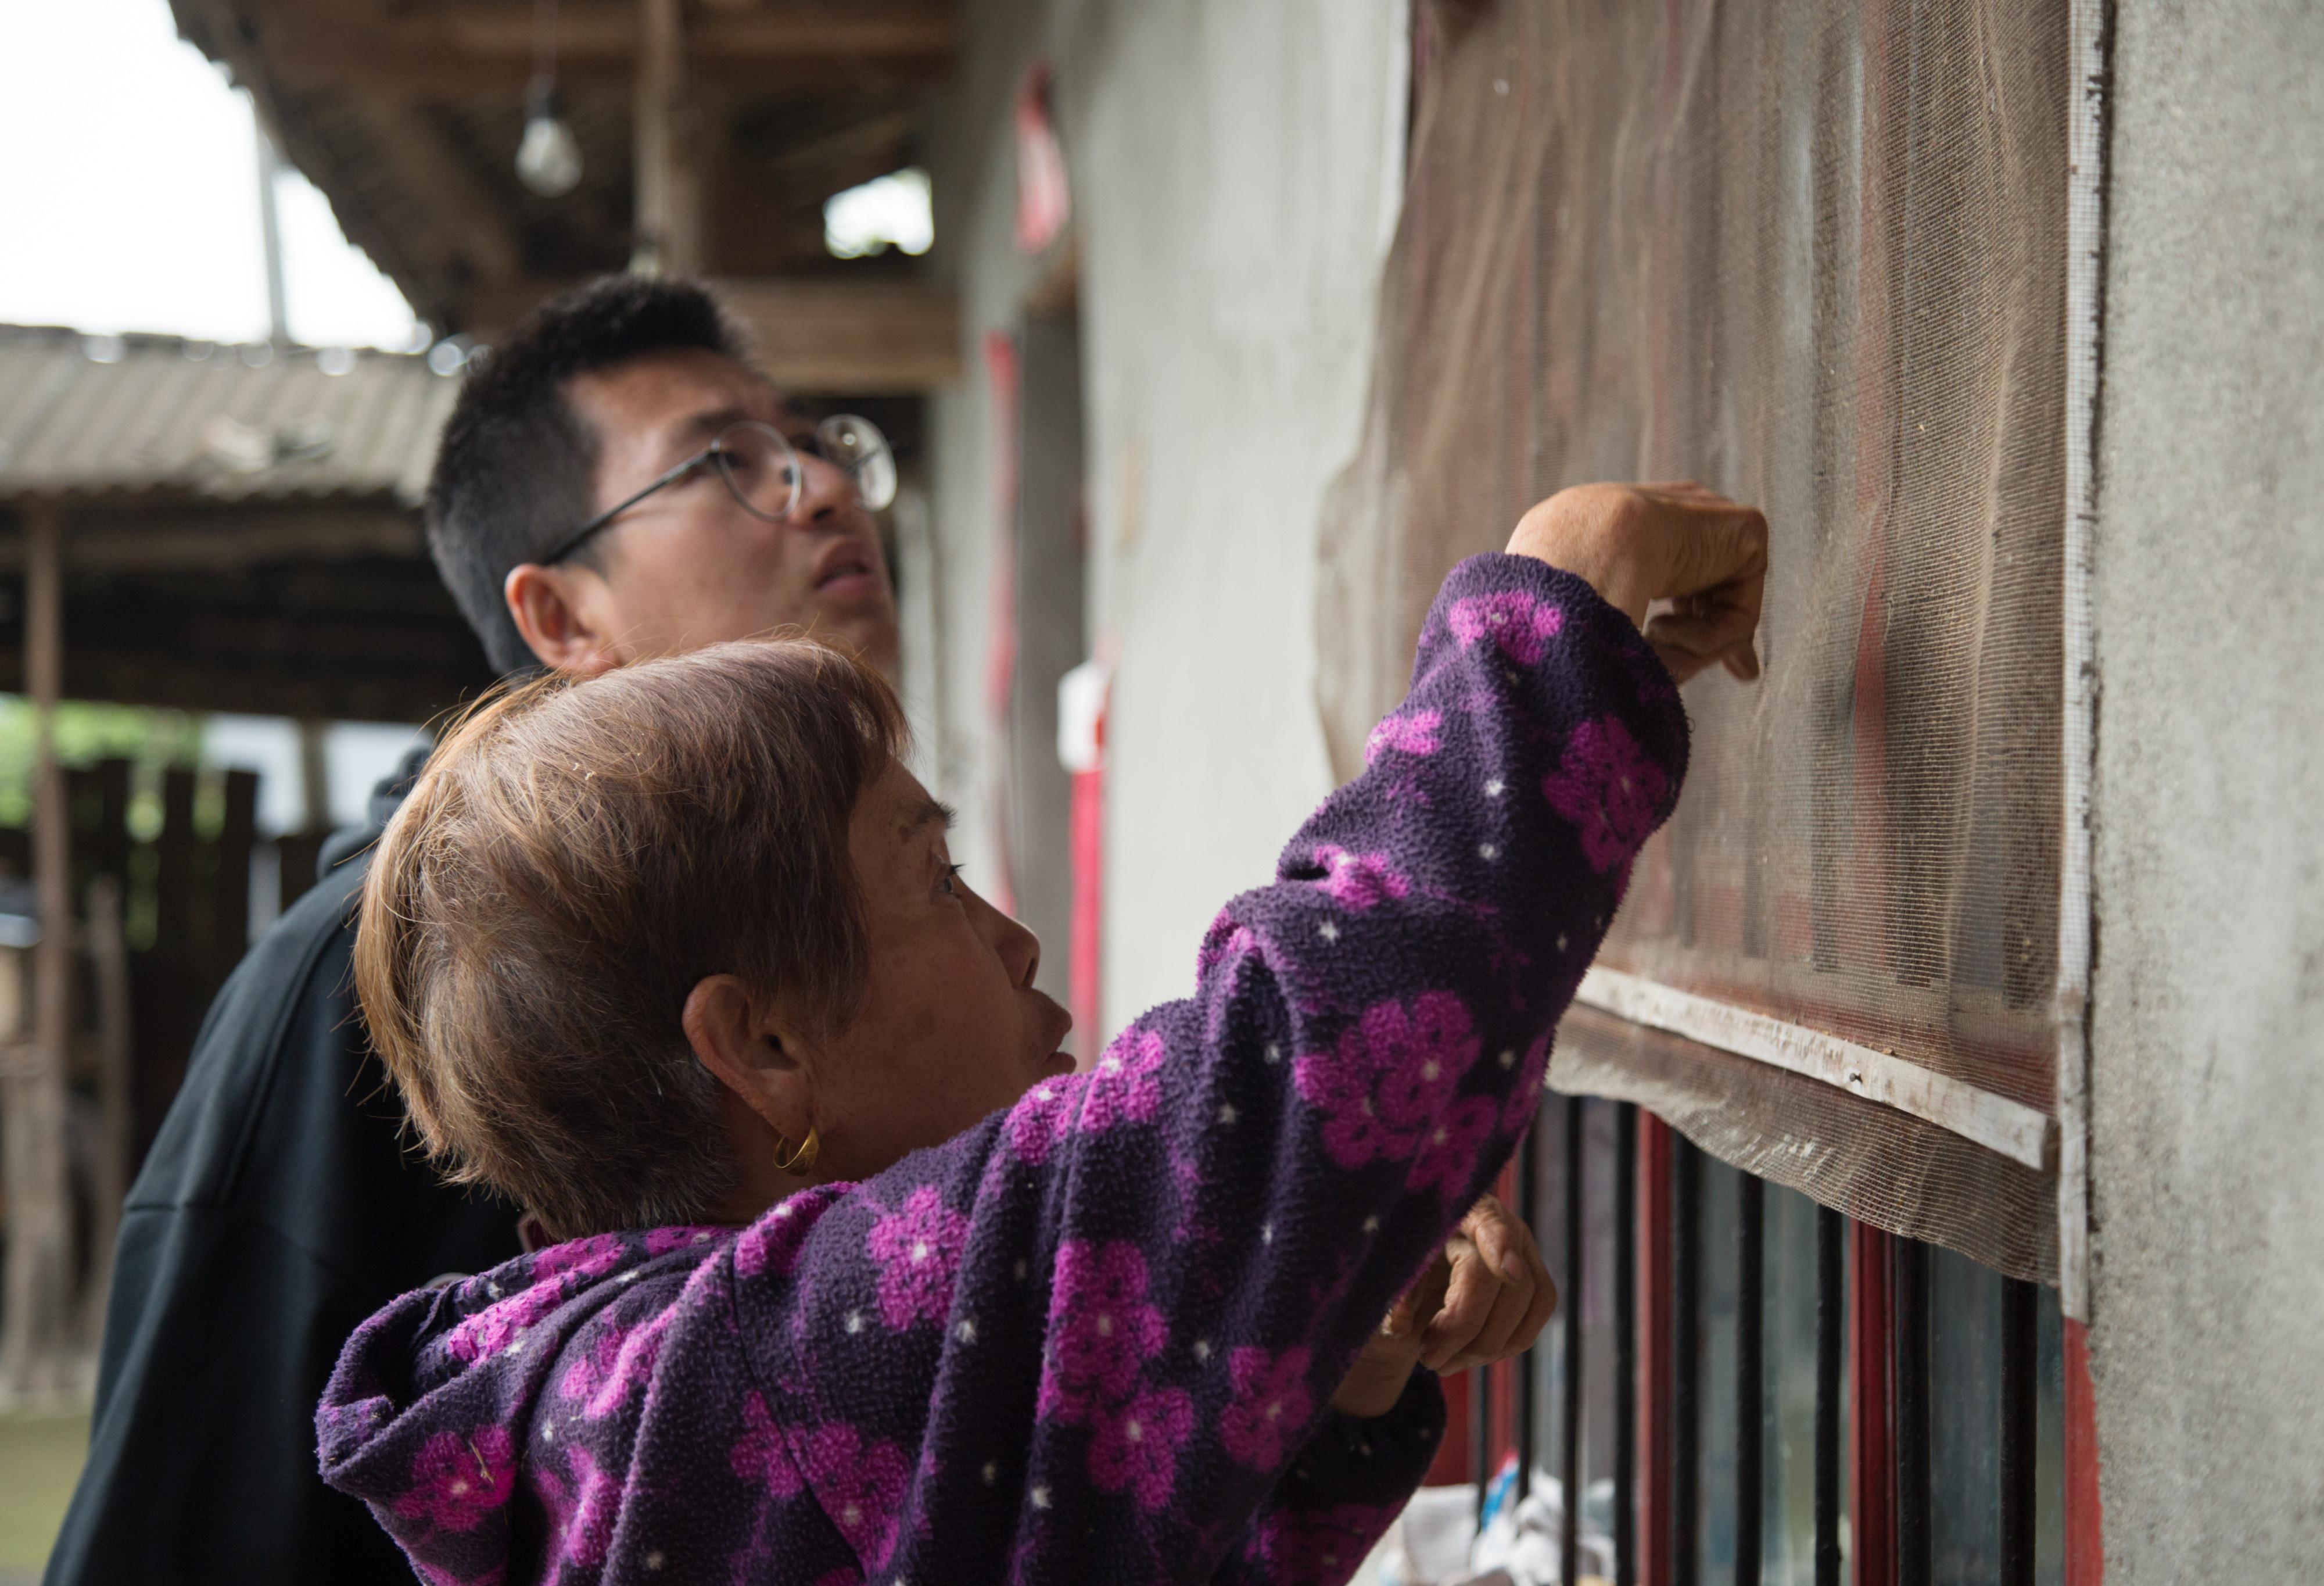 4月15日,在陕西省汉中市西乡县子午镇七星坝村,武轩羽(后)与村民王顺芳交流。